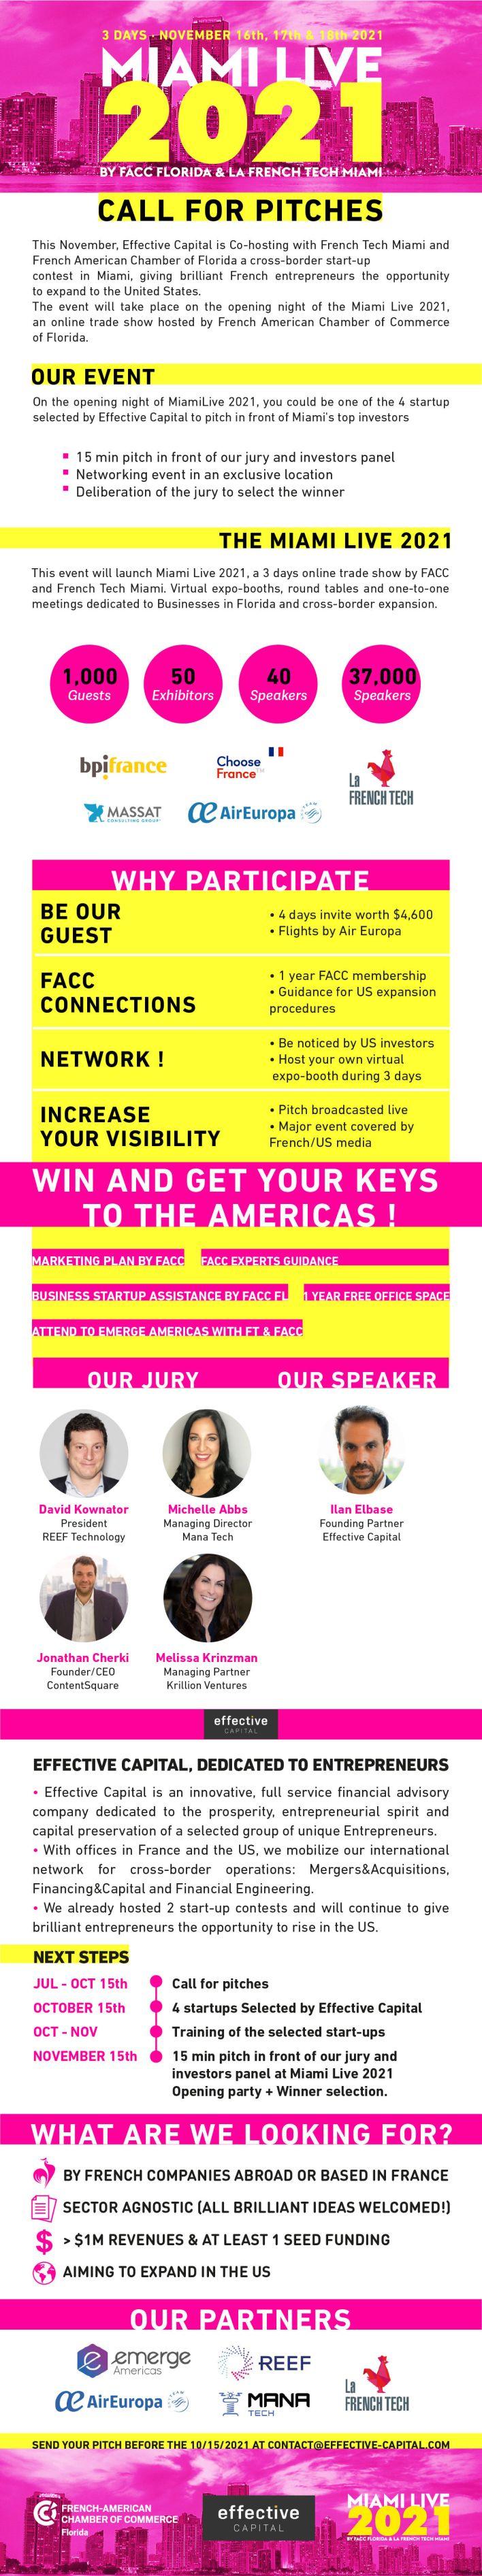 Appel aux startups françaises de la tech (basées hors des USA), pour une compétition à Miami